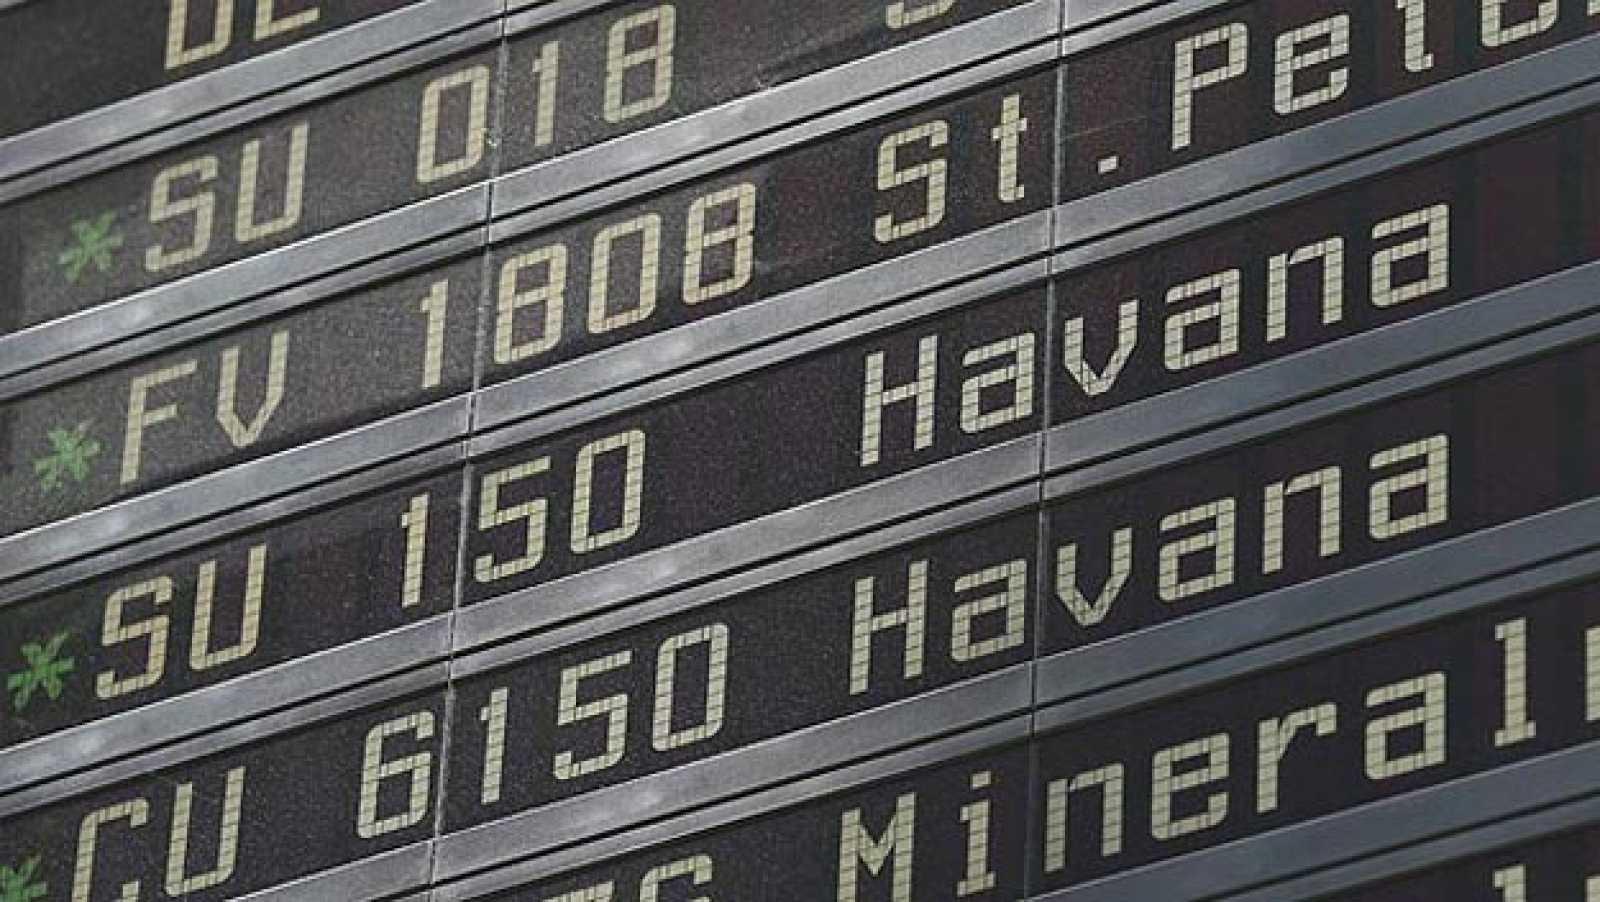 Un panel informativo muestra los detalles de salida del vuelo de la compañía Cubana CU 6150 con destino a La Habana en el aeropuerto de Sheremetyevo en Moscú